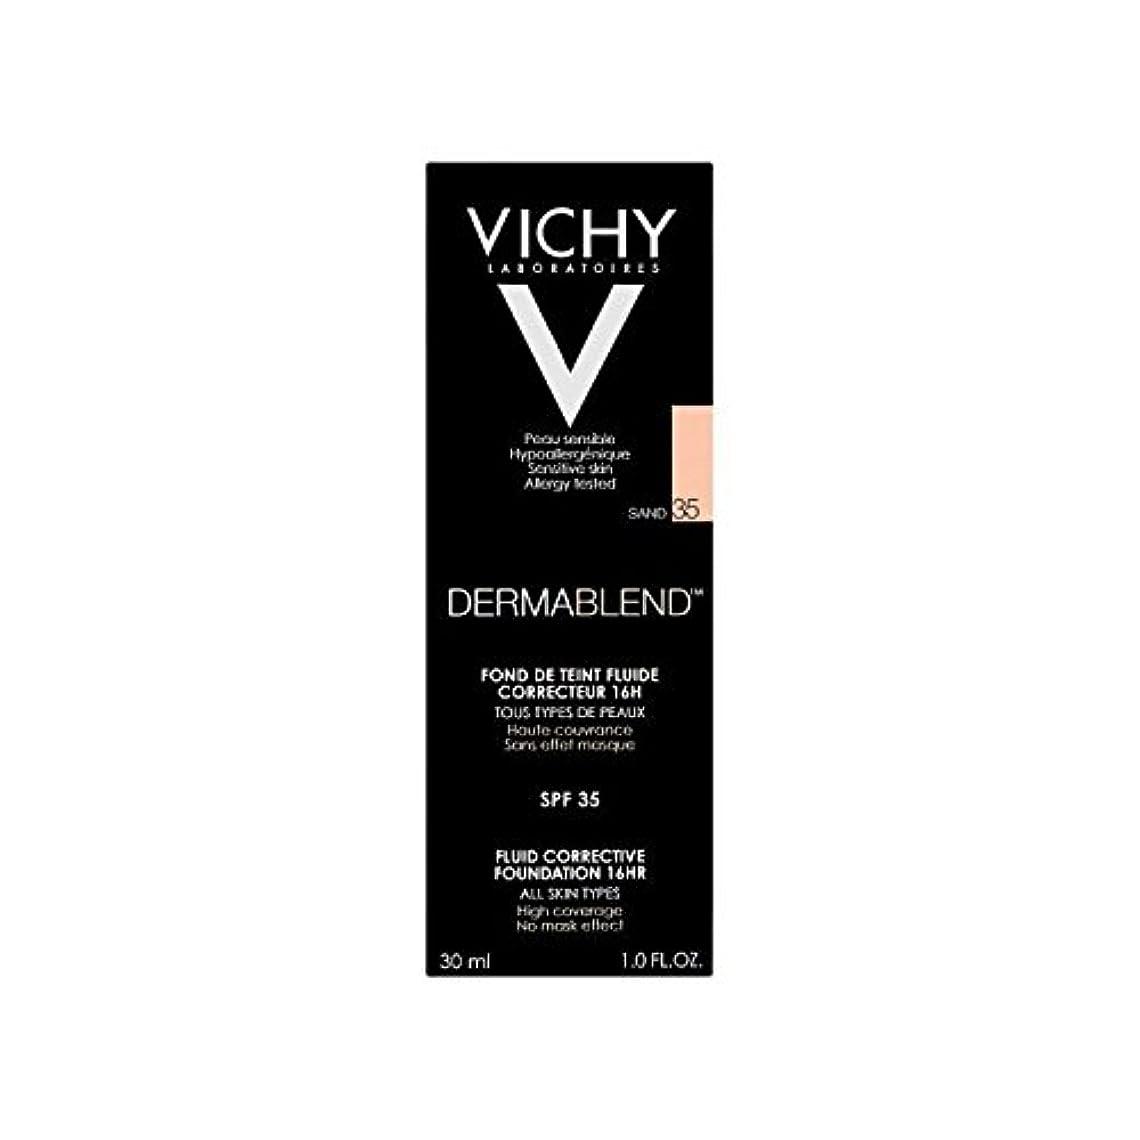 まだ聖人文明ヴィシー是正流体の基礎30ミリリットル砂35 x2 - Vichy Dermablend Corrective Fluid Foundation 30ml Sand 35 (Pack of 2) [並行輸入品]